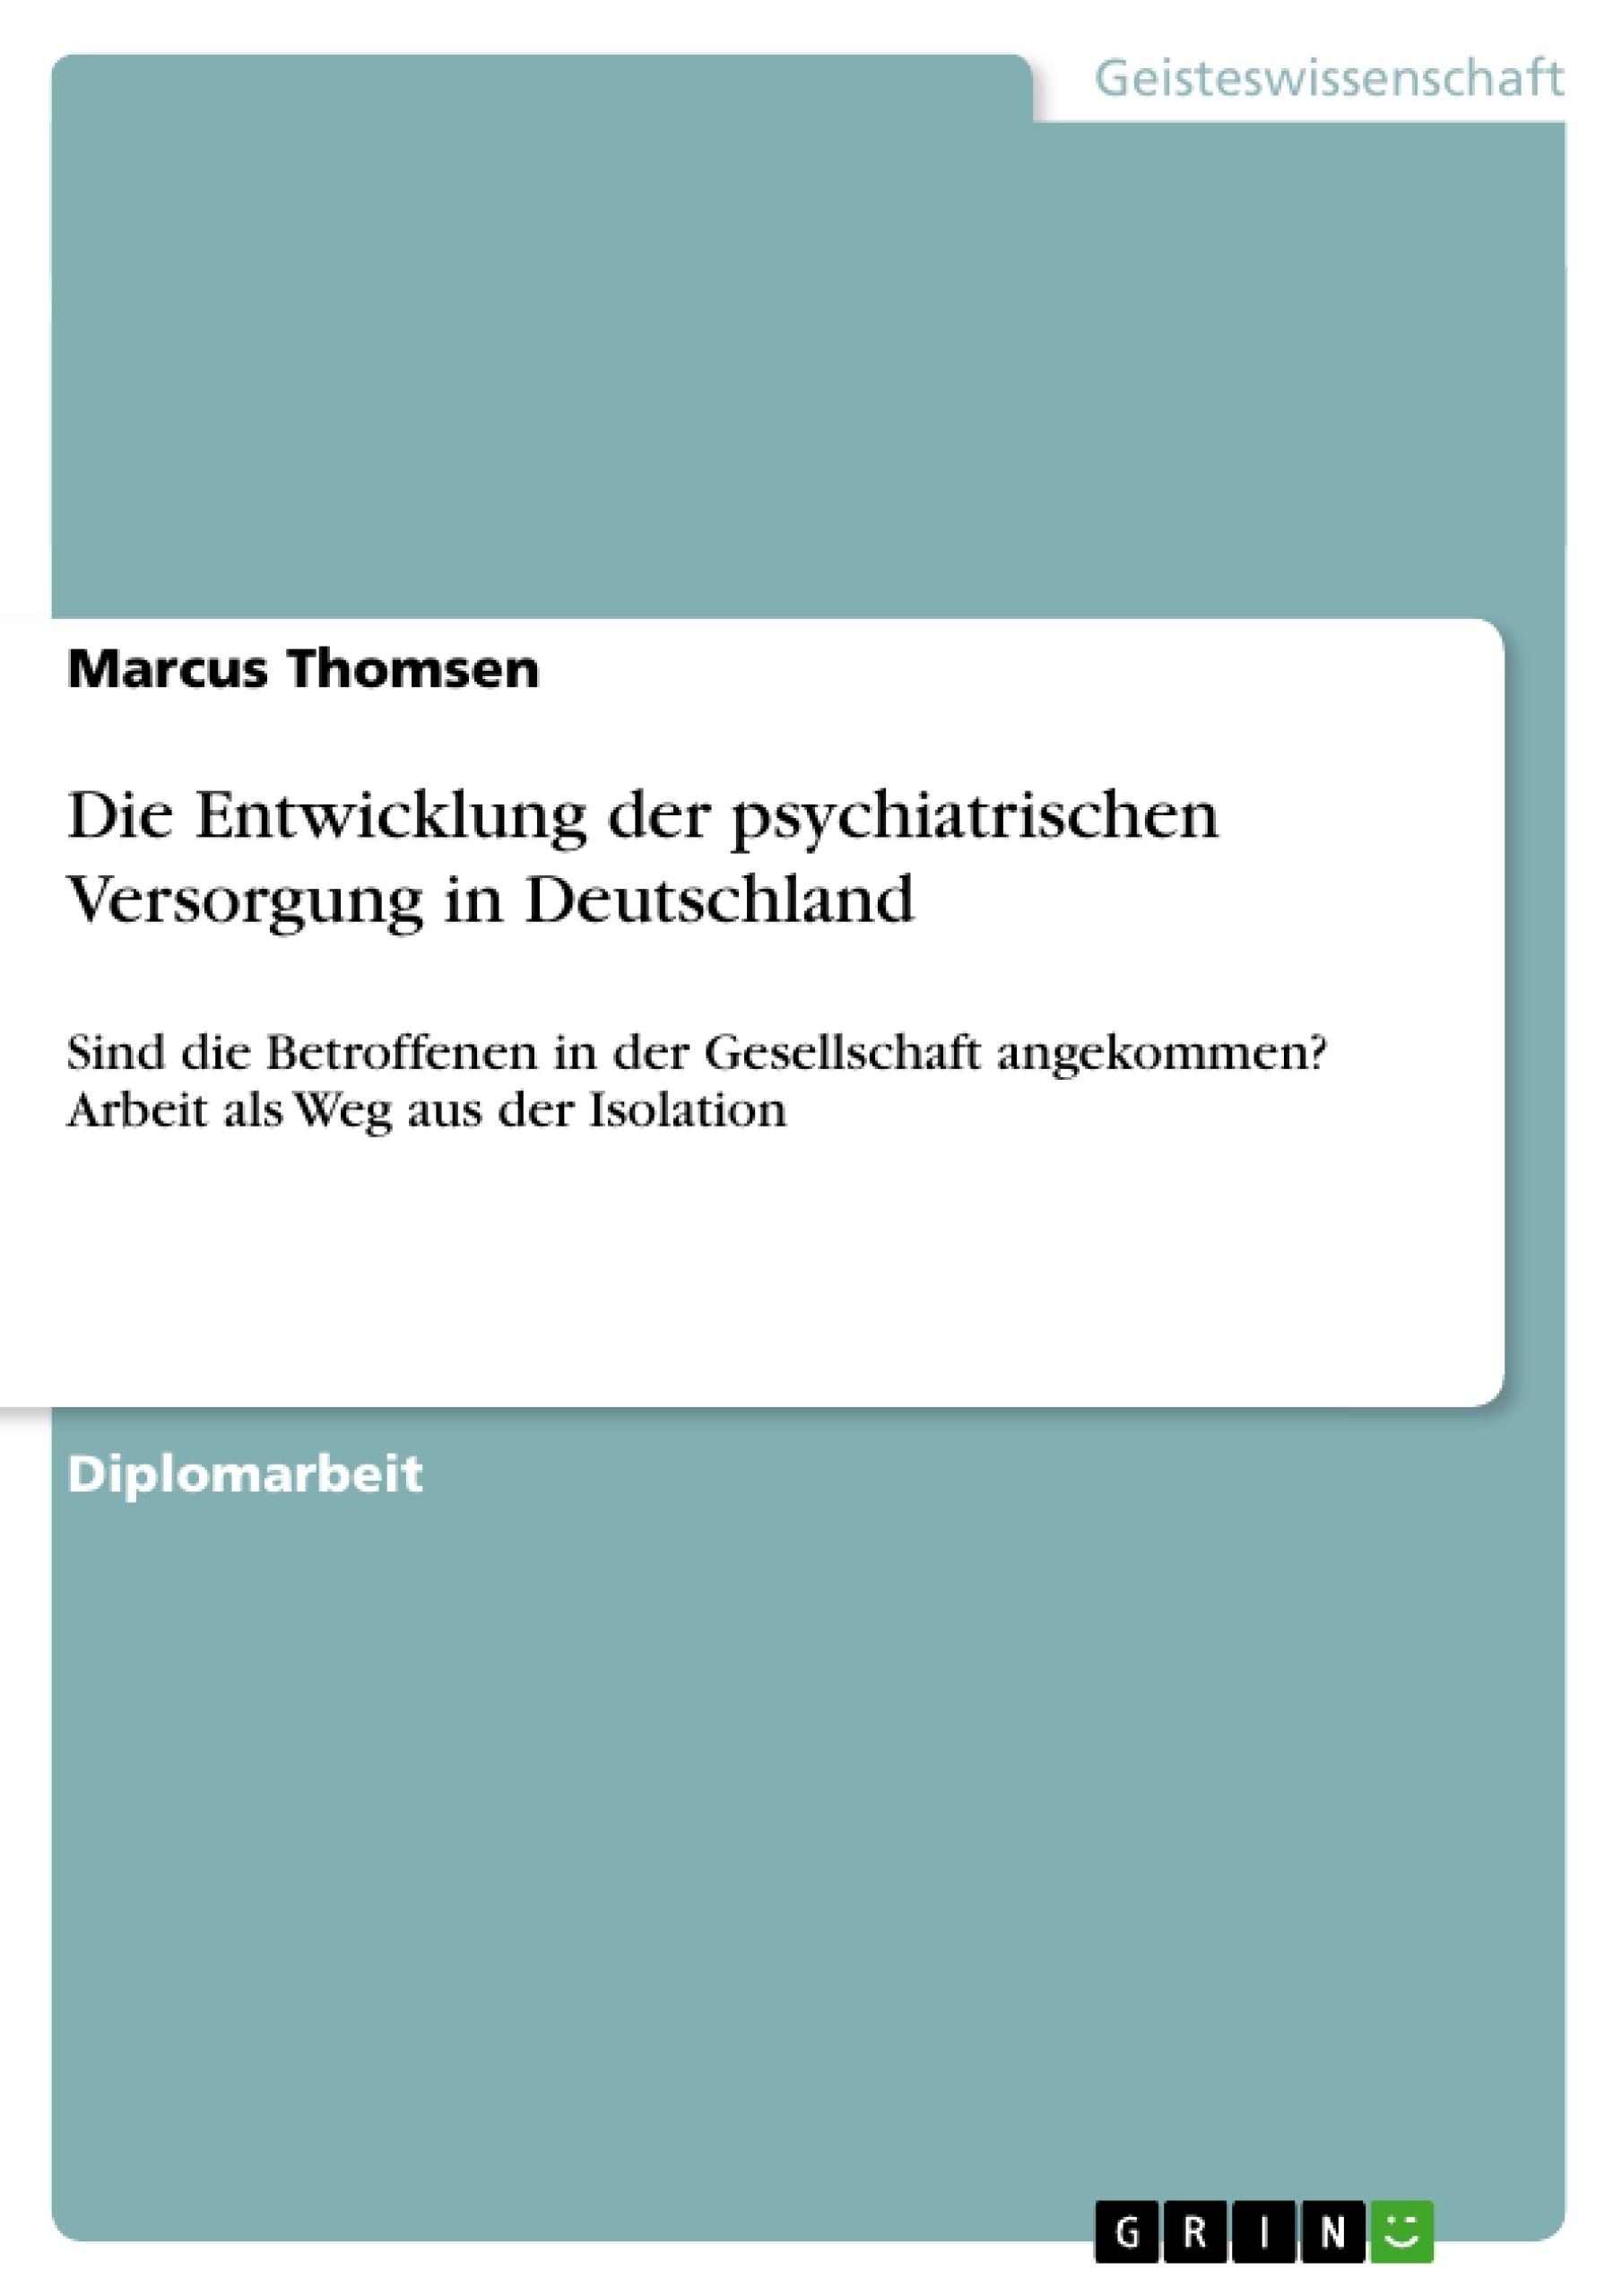 Titel: Die Entwicklung der psychiatrischen Versorgung in Deutschland